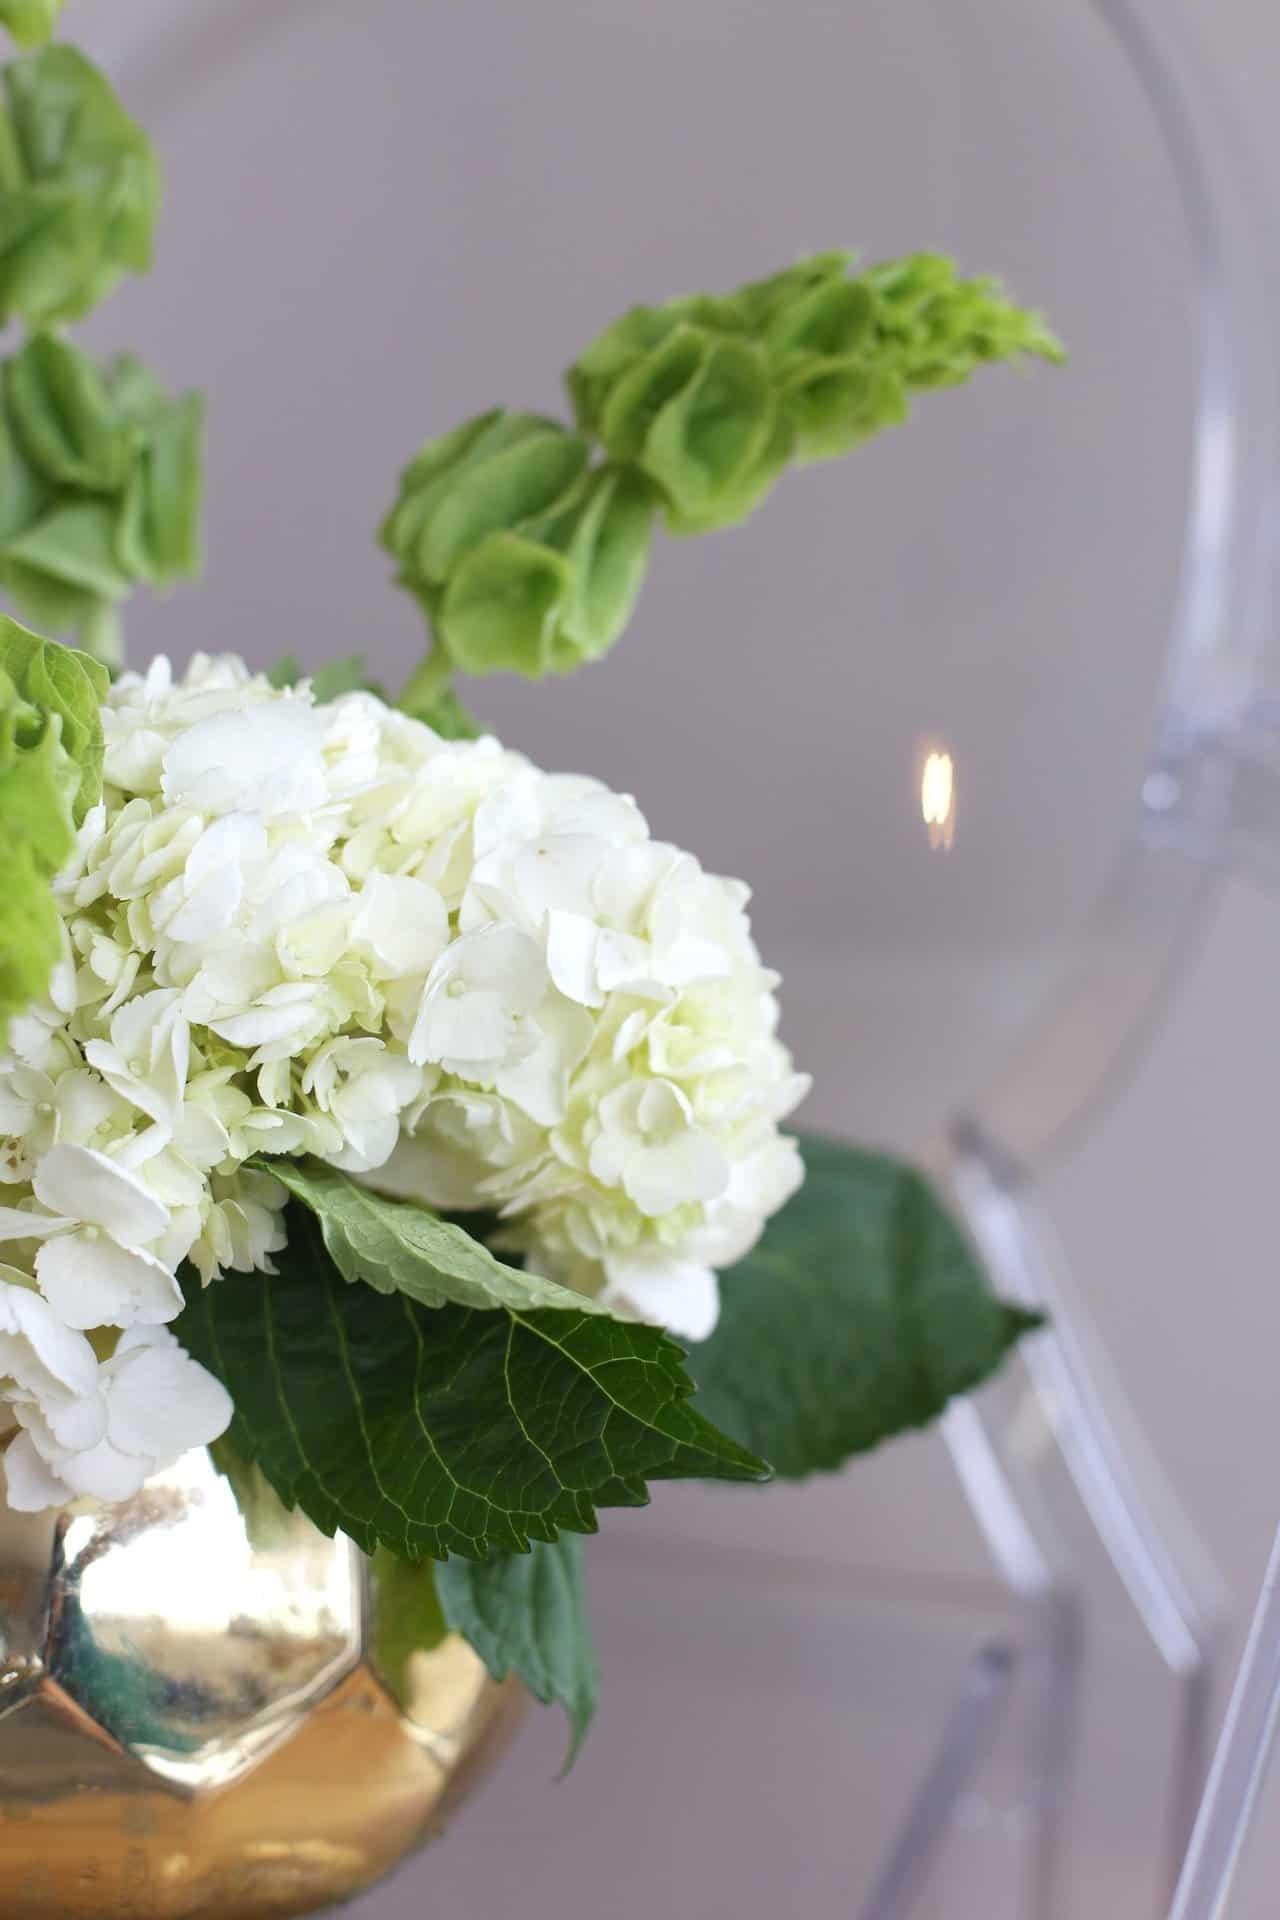 Hydrangea flower arrangement at home